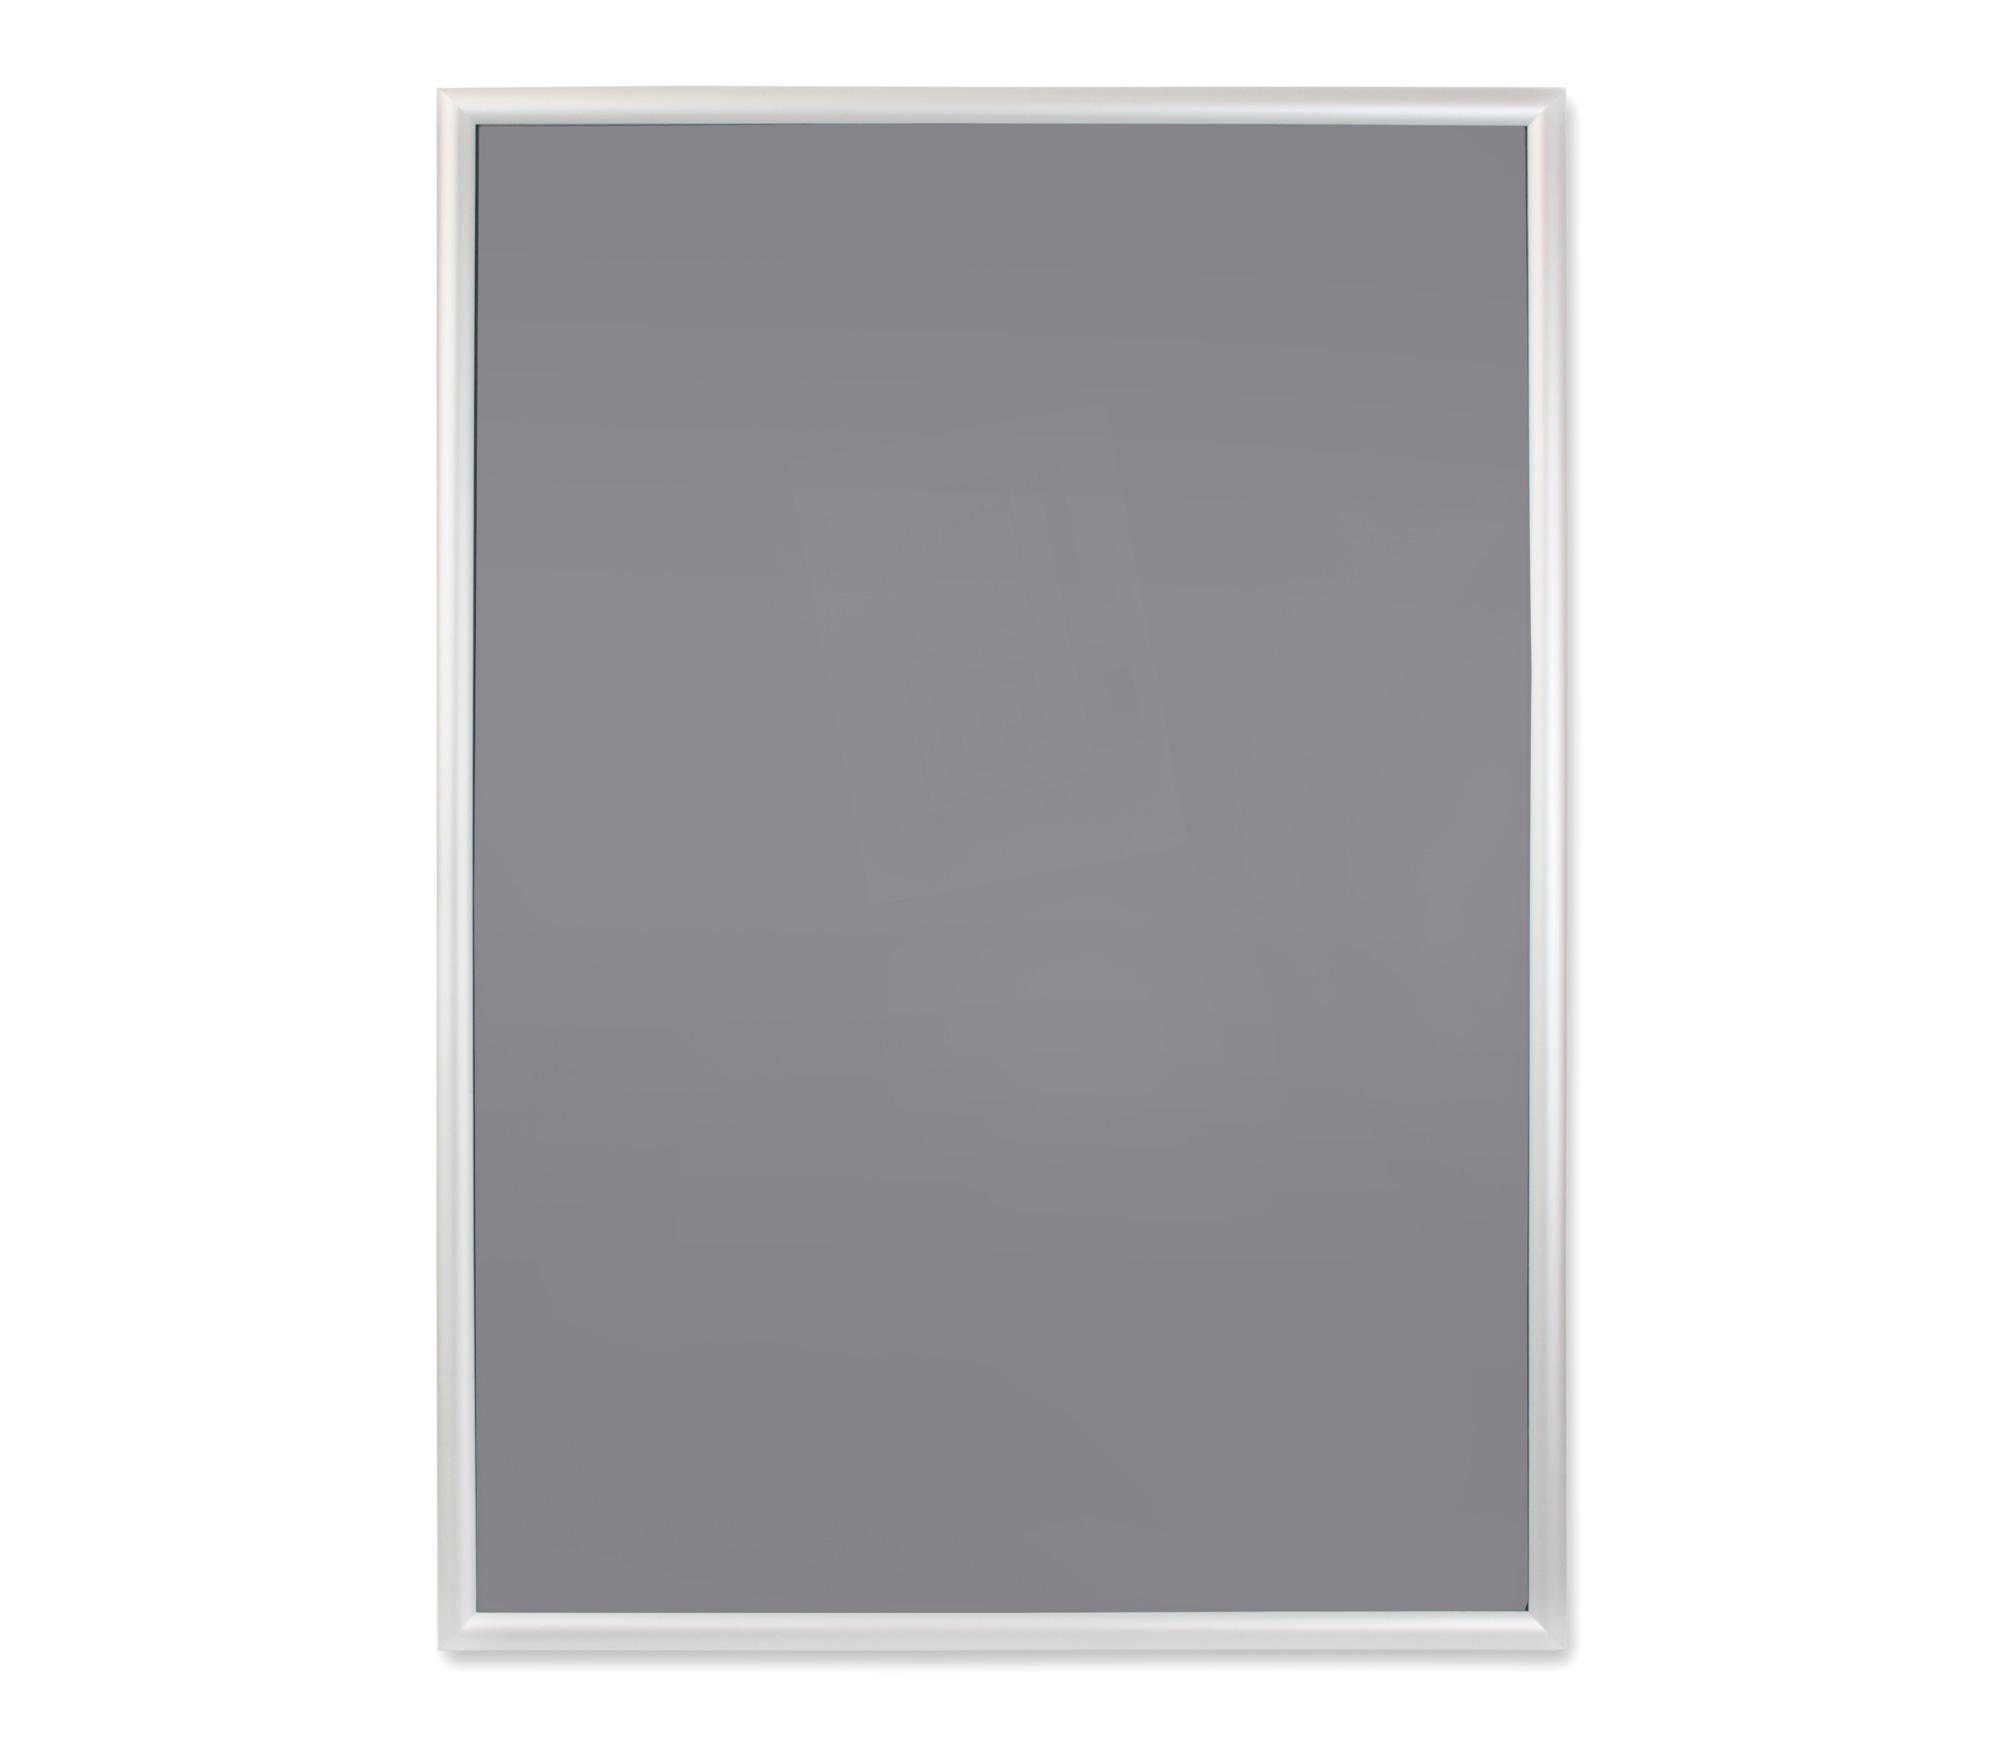 для постеры стекло в алюминиевой рамке очень сложно